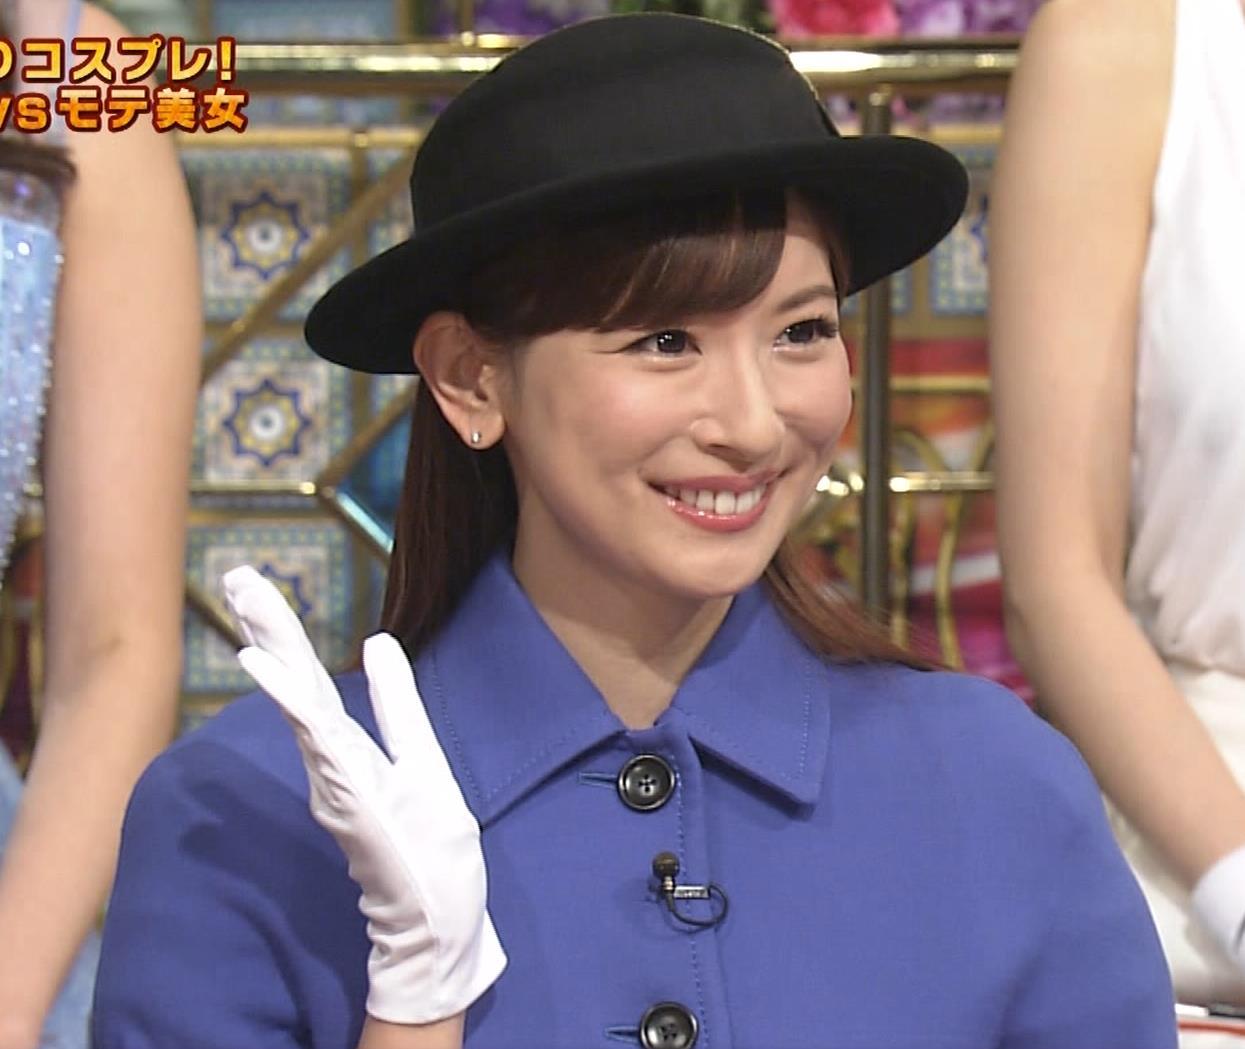 皆藤愛子 ミニスカートの中をアップで撮られるキャプ・エロ画像